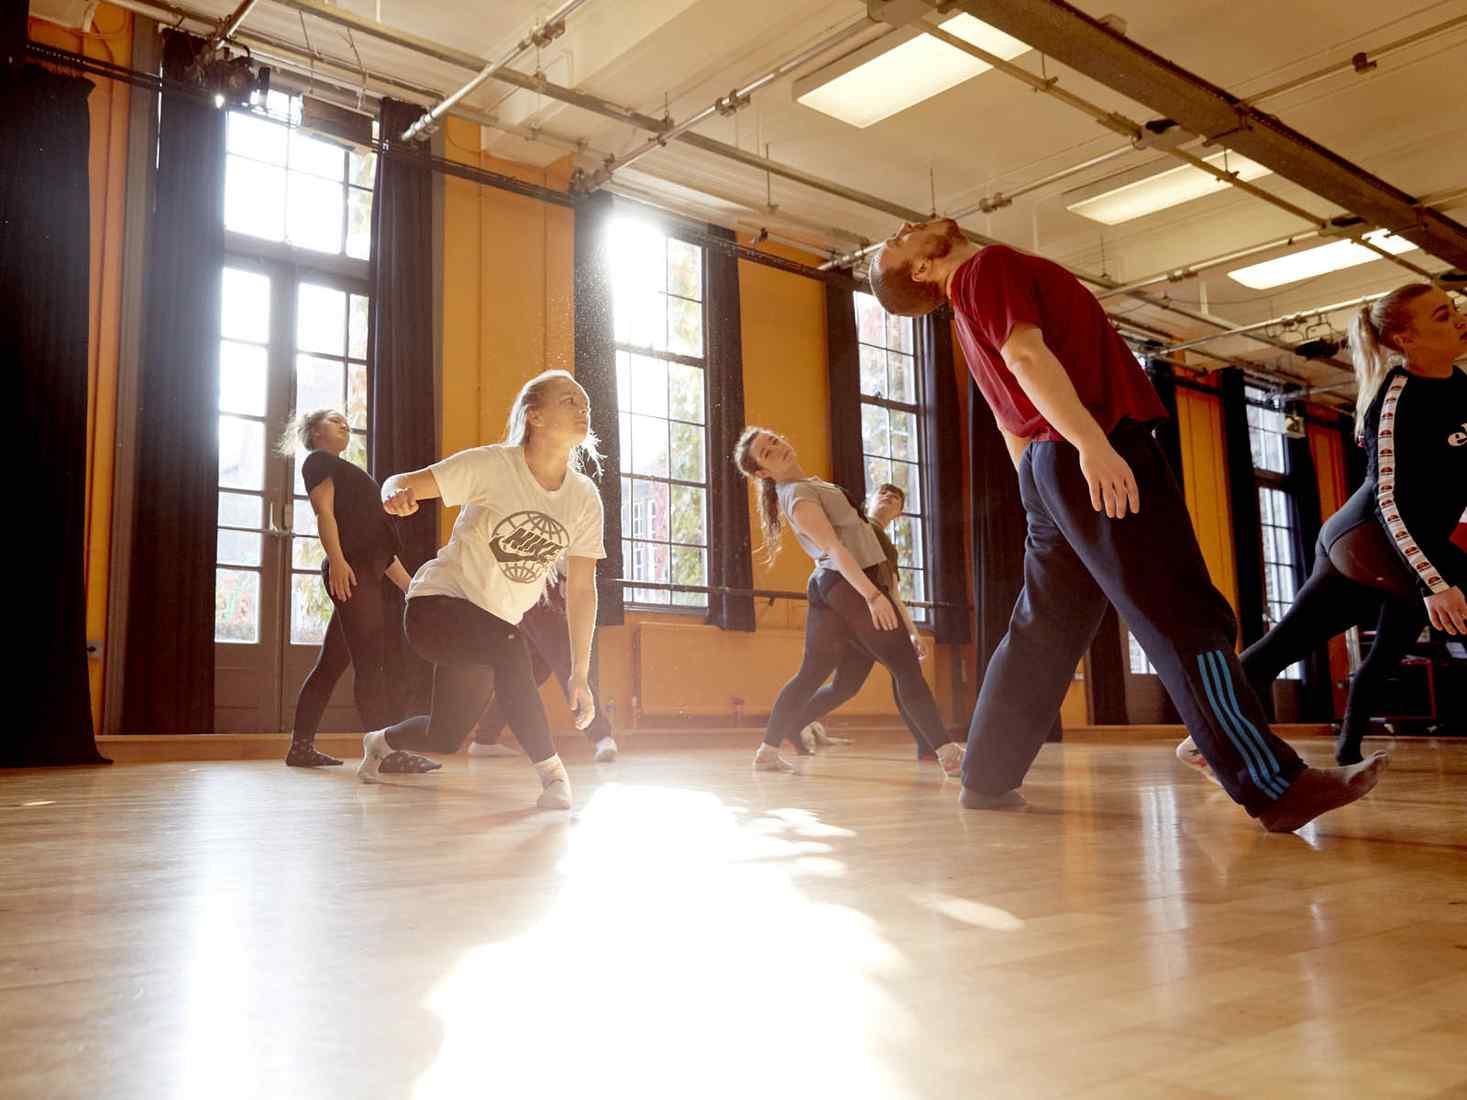 Students dancing in studio